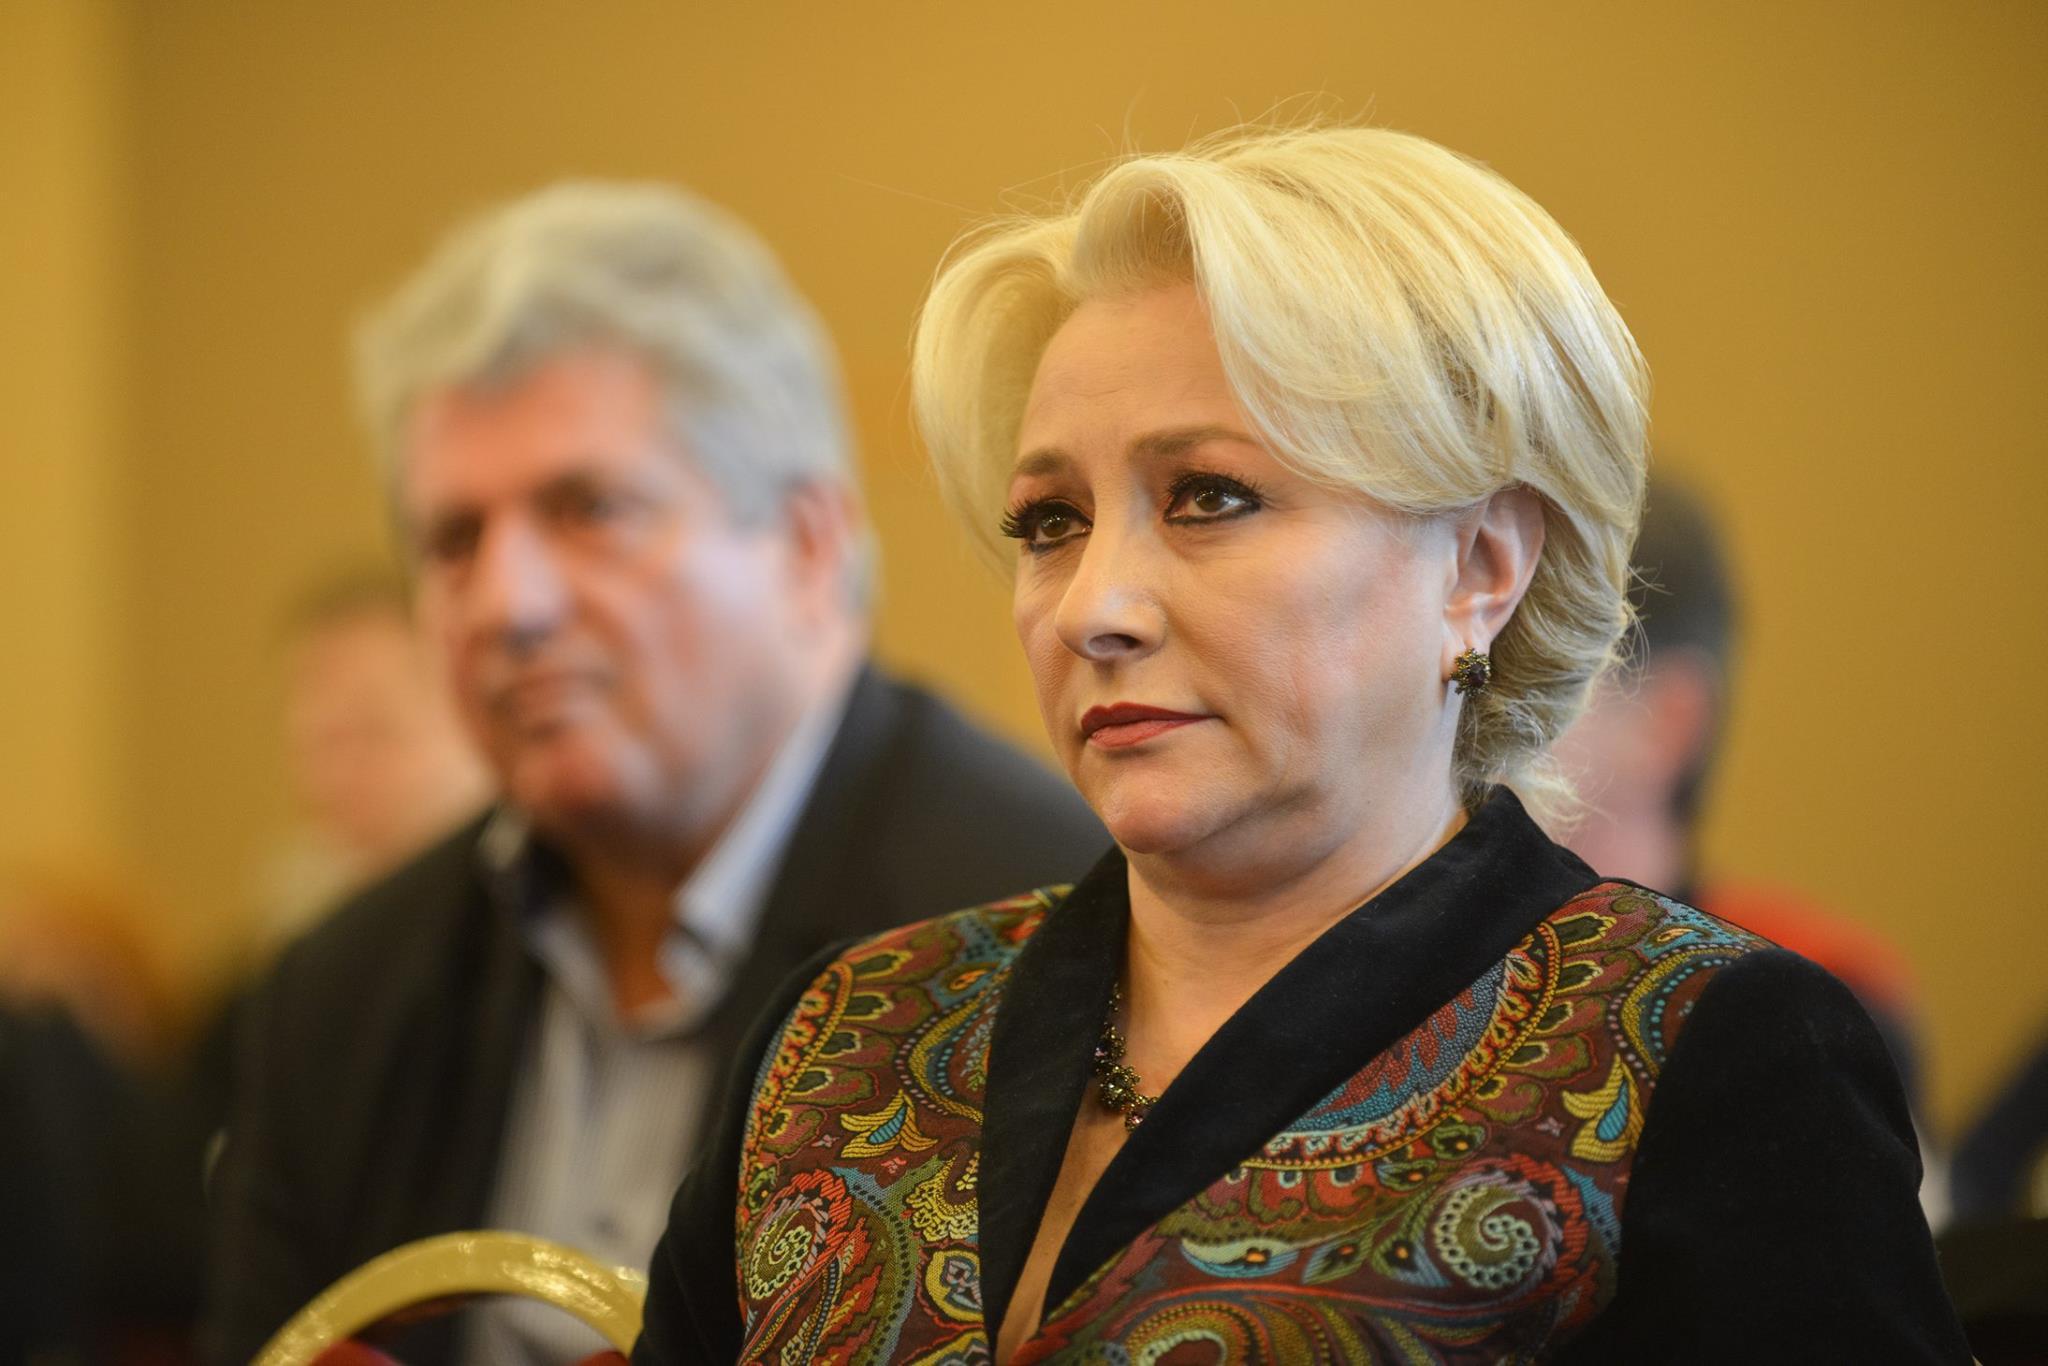 Aflată în concediu, Premierul Viorica Dăncilă a solicitat, în regim de urgenţă, un raport complet de la SRI referitor la persoanele care au pregătit şi provocat violenţele din Piaţa Victoriei